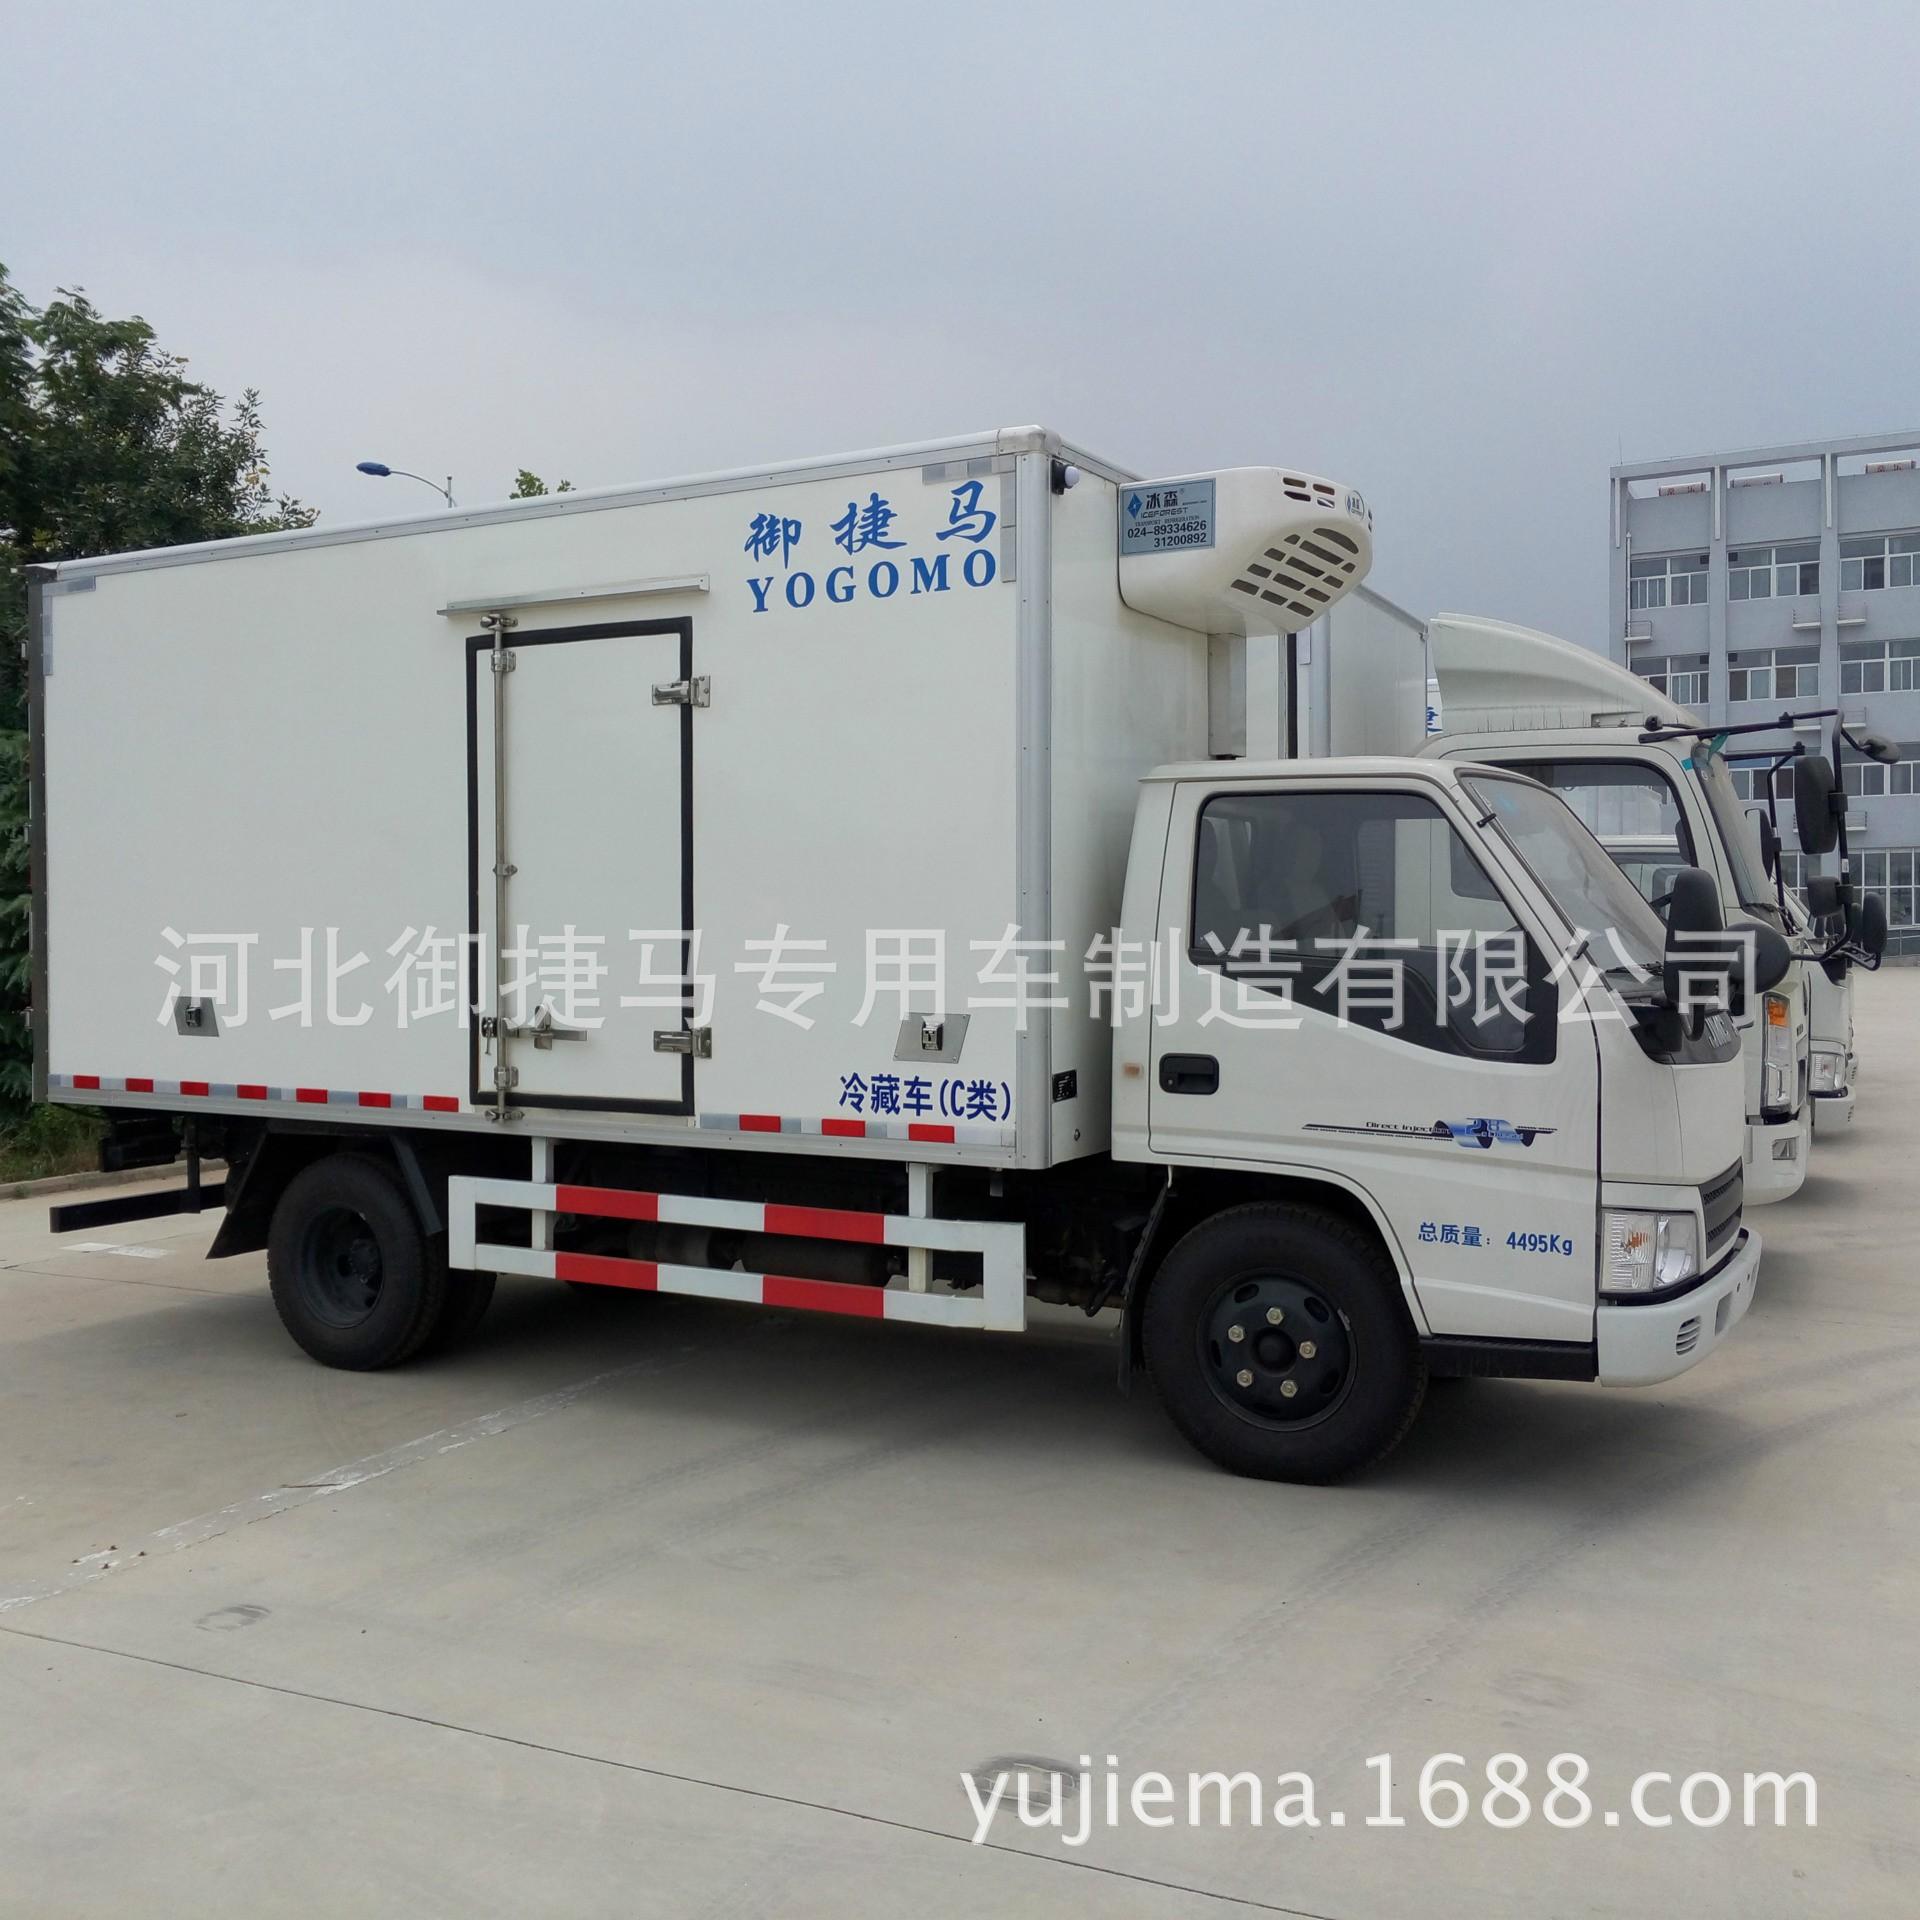 江铃凯运冷藏 保温 小型车厂家直销 热线13931960116